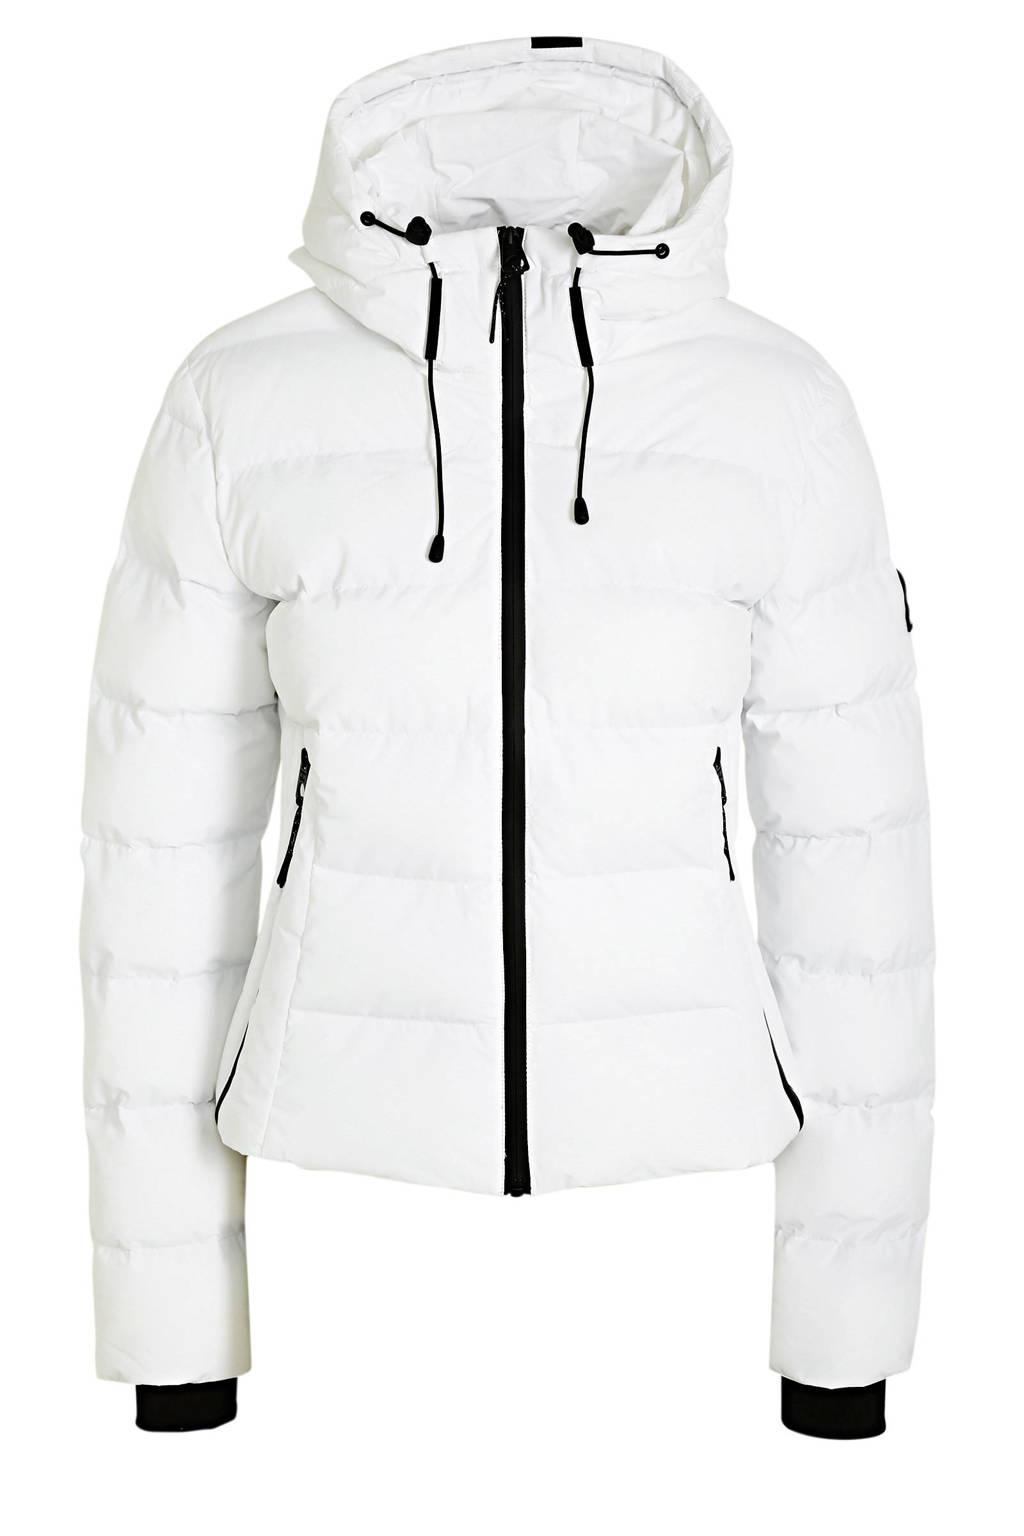 Superdry gewatteerde winterjas Puffer white, White